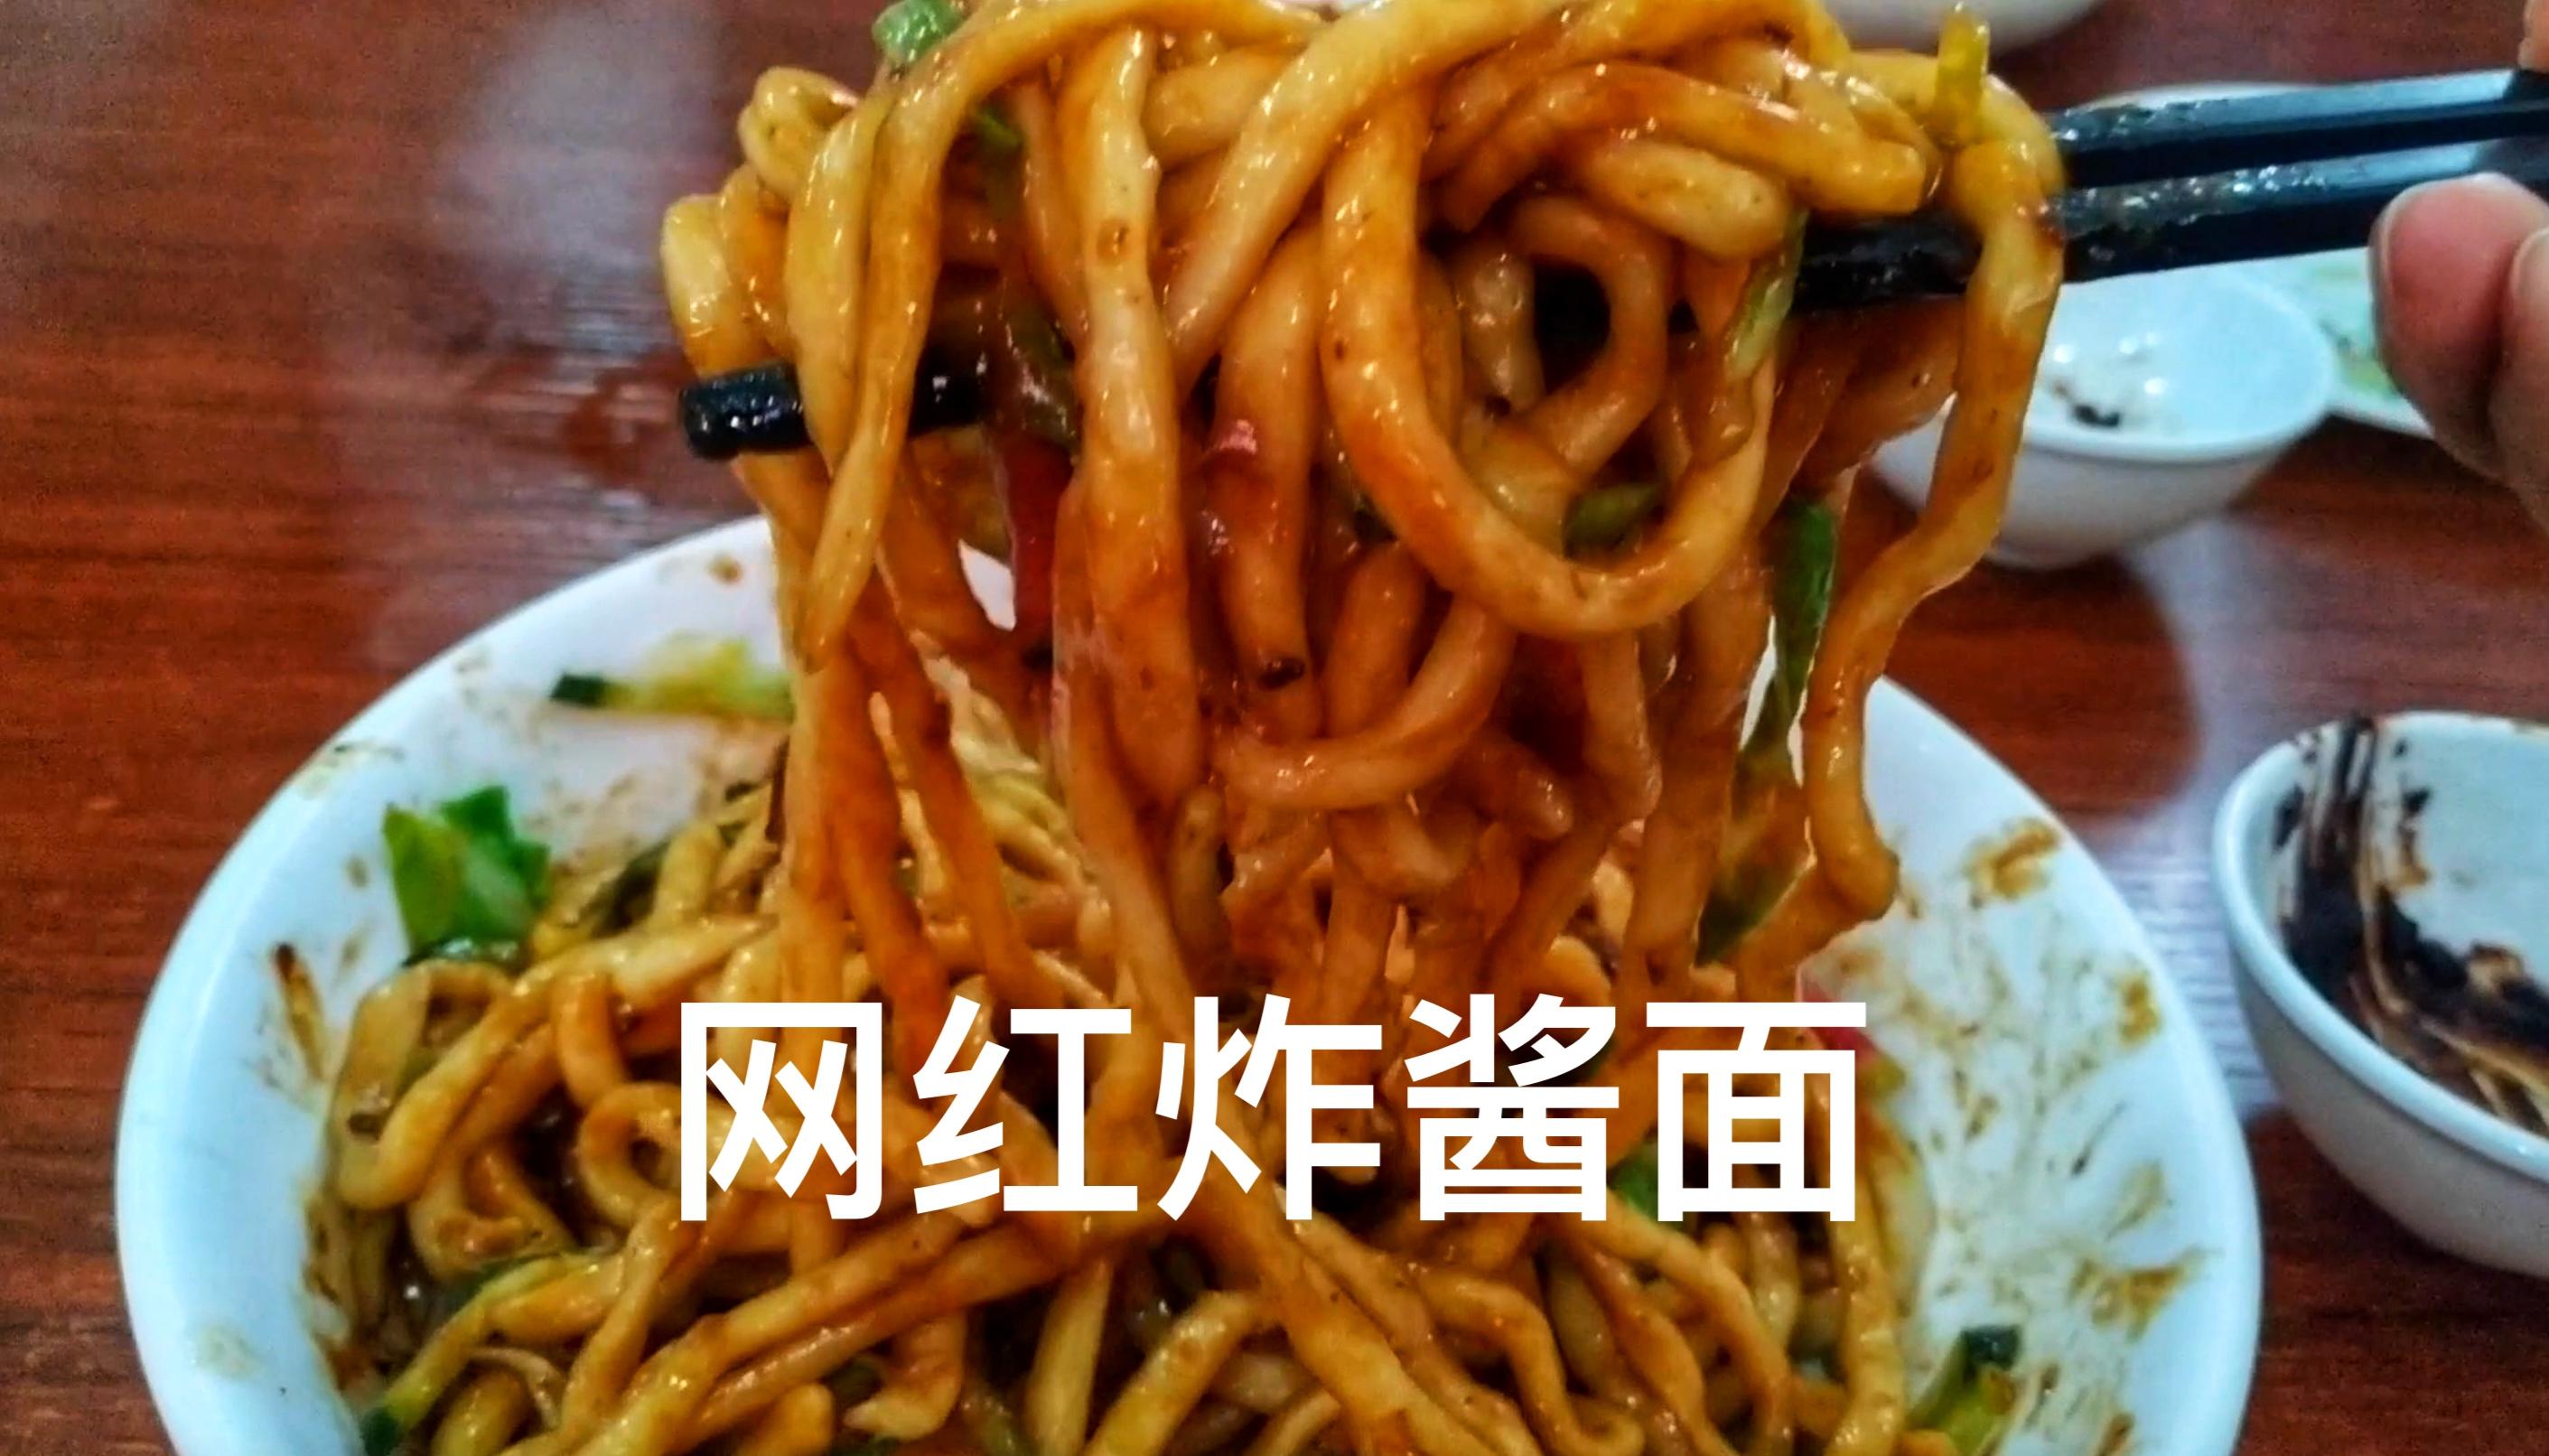 谢霆锋特意找去吃,号称北京最好吃,要排队1小时的网红炸酱面,味道到底怎么样?真的比家门口的更好吃吗?